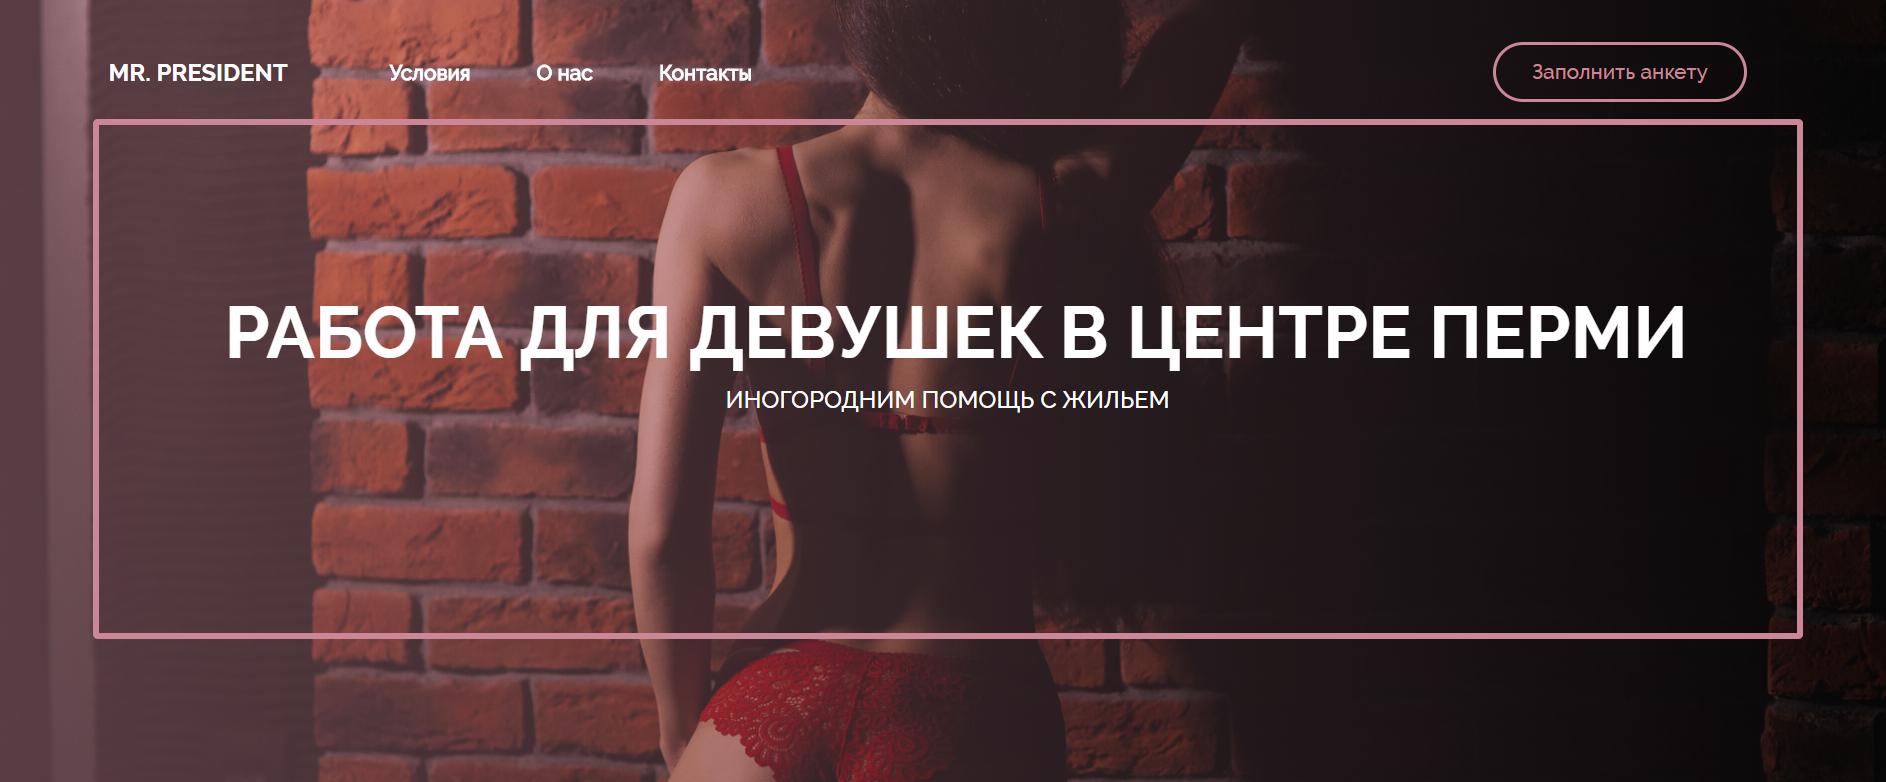 Работа для девушек в мужском спа салоне работа девушке моделью заводоуковск